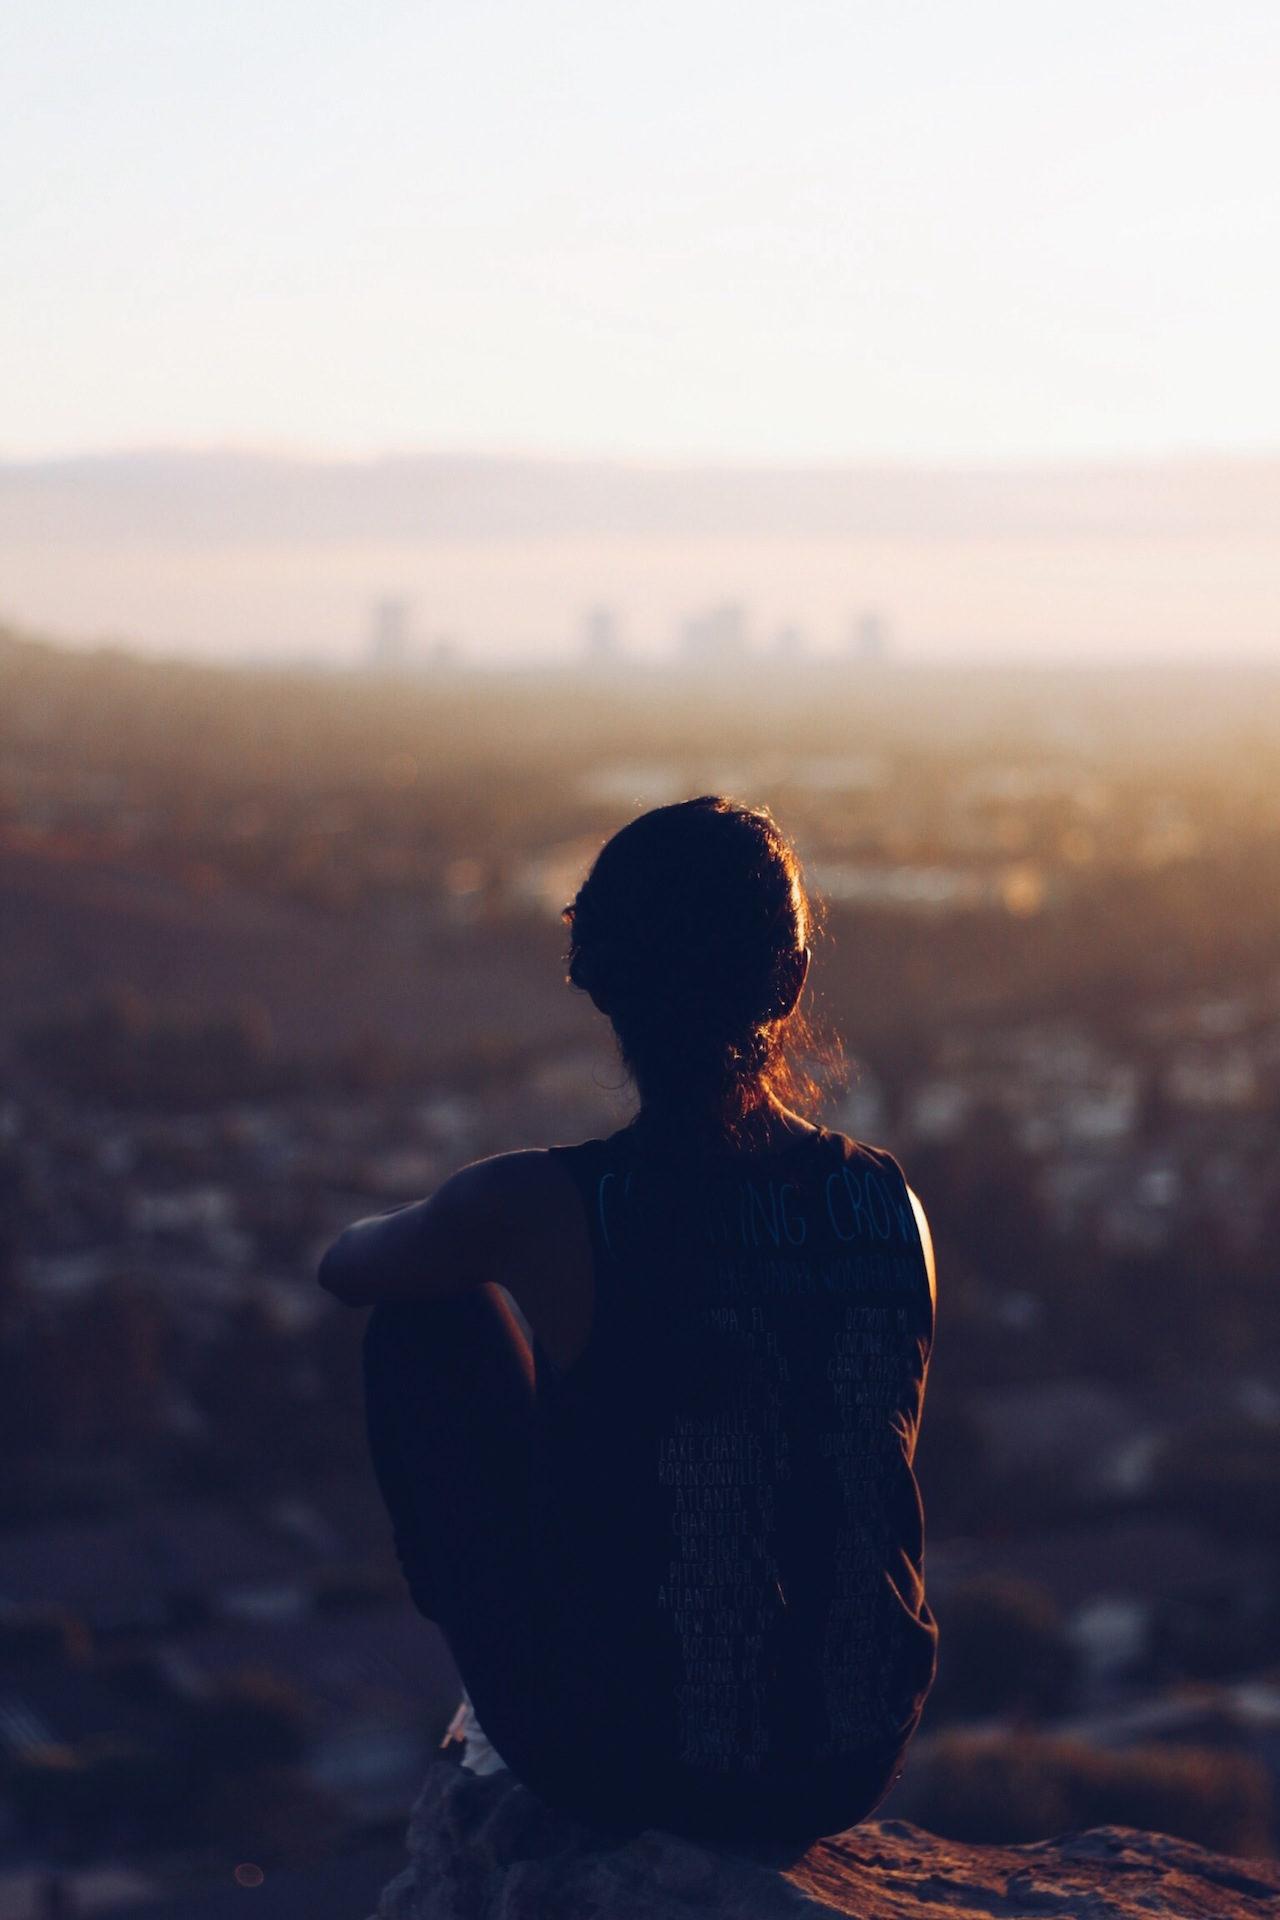 meditación, relax, pensamientos, soledad, ciudad - Fondos de Pantalla HD - professor-falken.com